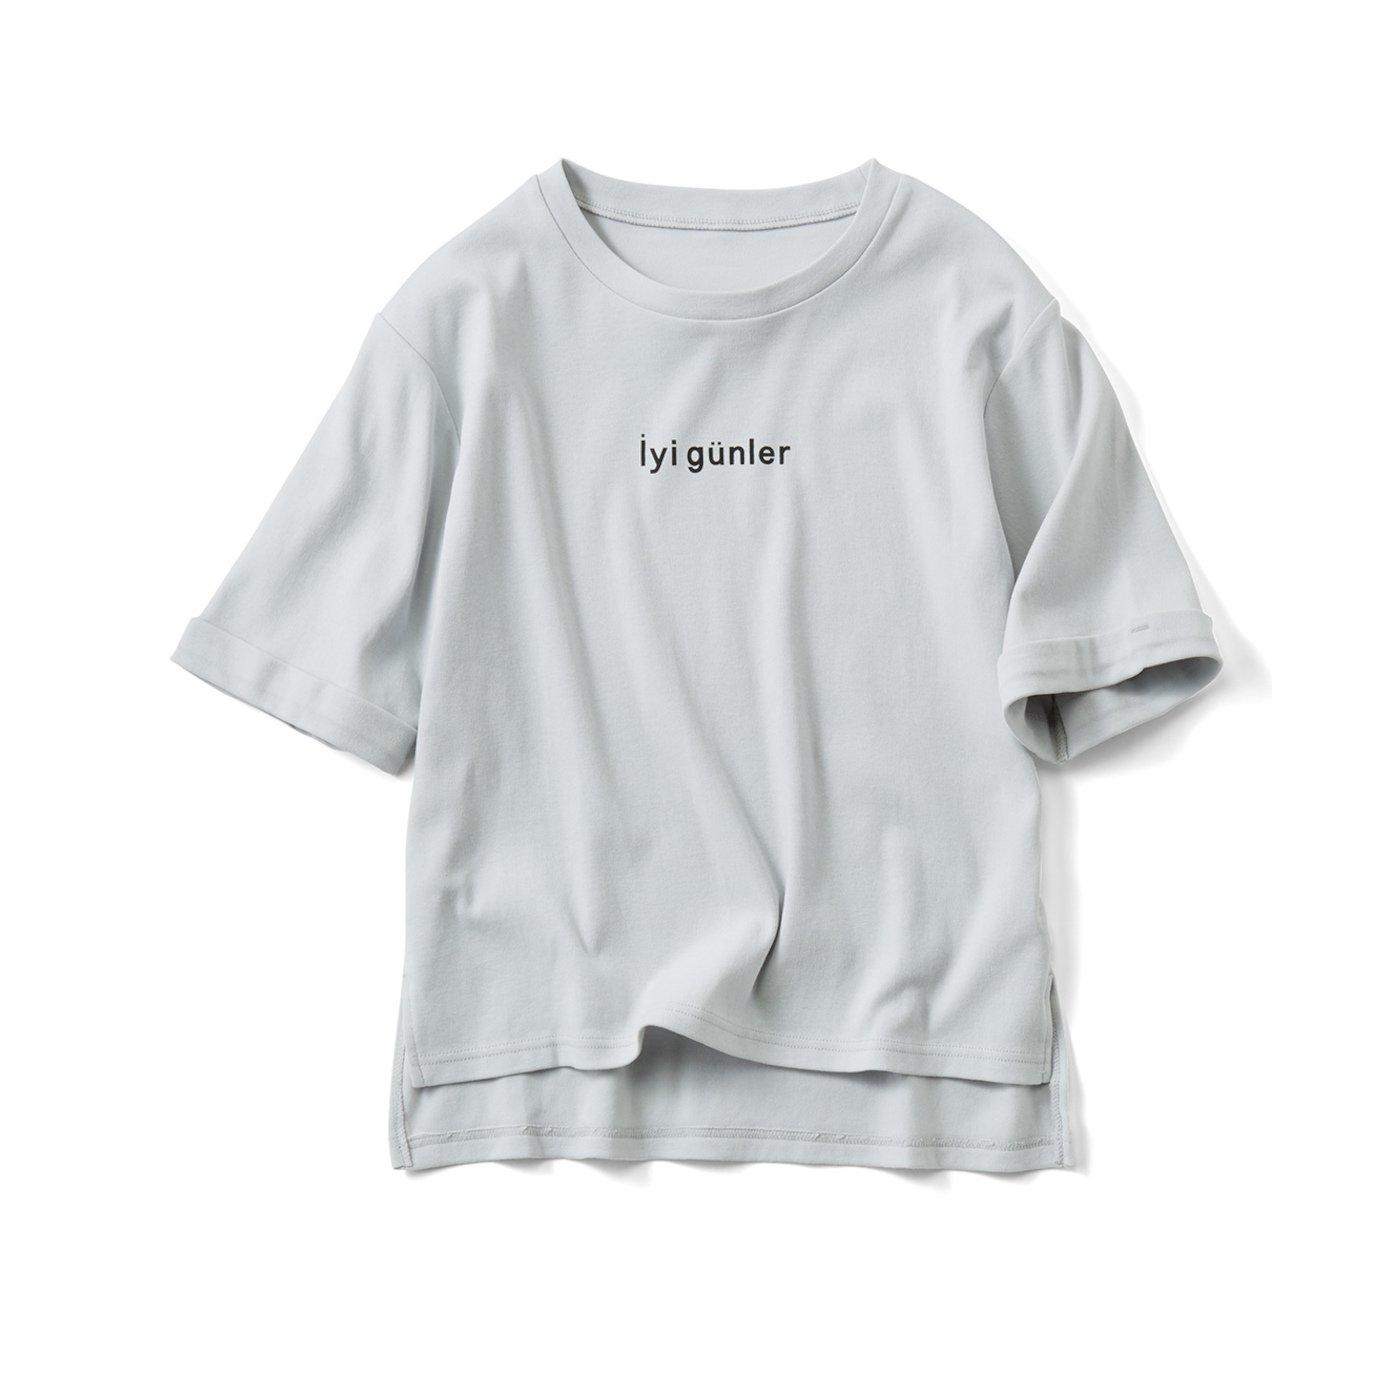 リブ イン コンフォート さらっとした手ざわりがやみつきの五分袖コットンロゴTシャツ〈Íyi günler「いい日を」〉